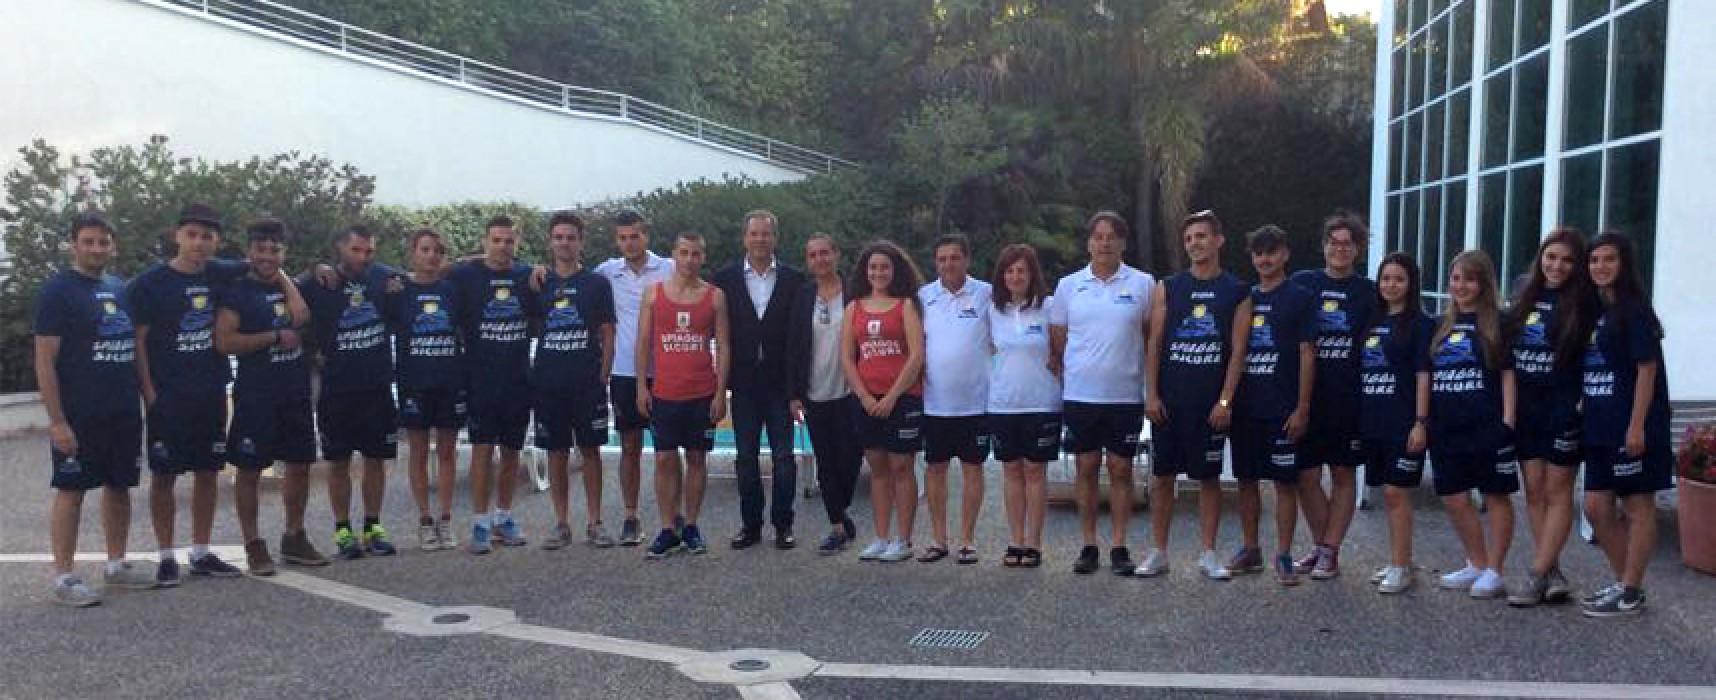 Torna spiagge sicure: dal 15 giugno bagnini a Salsello, La salata e Seconda spiaggia